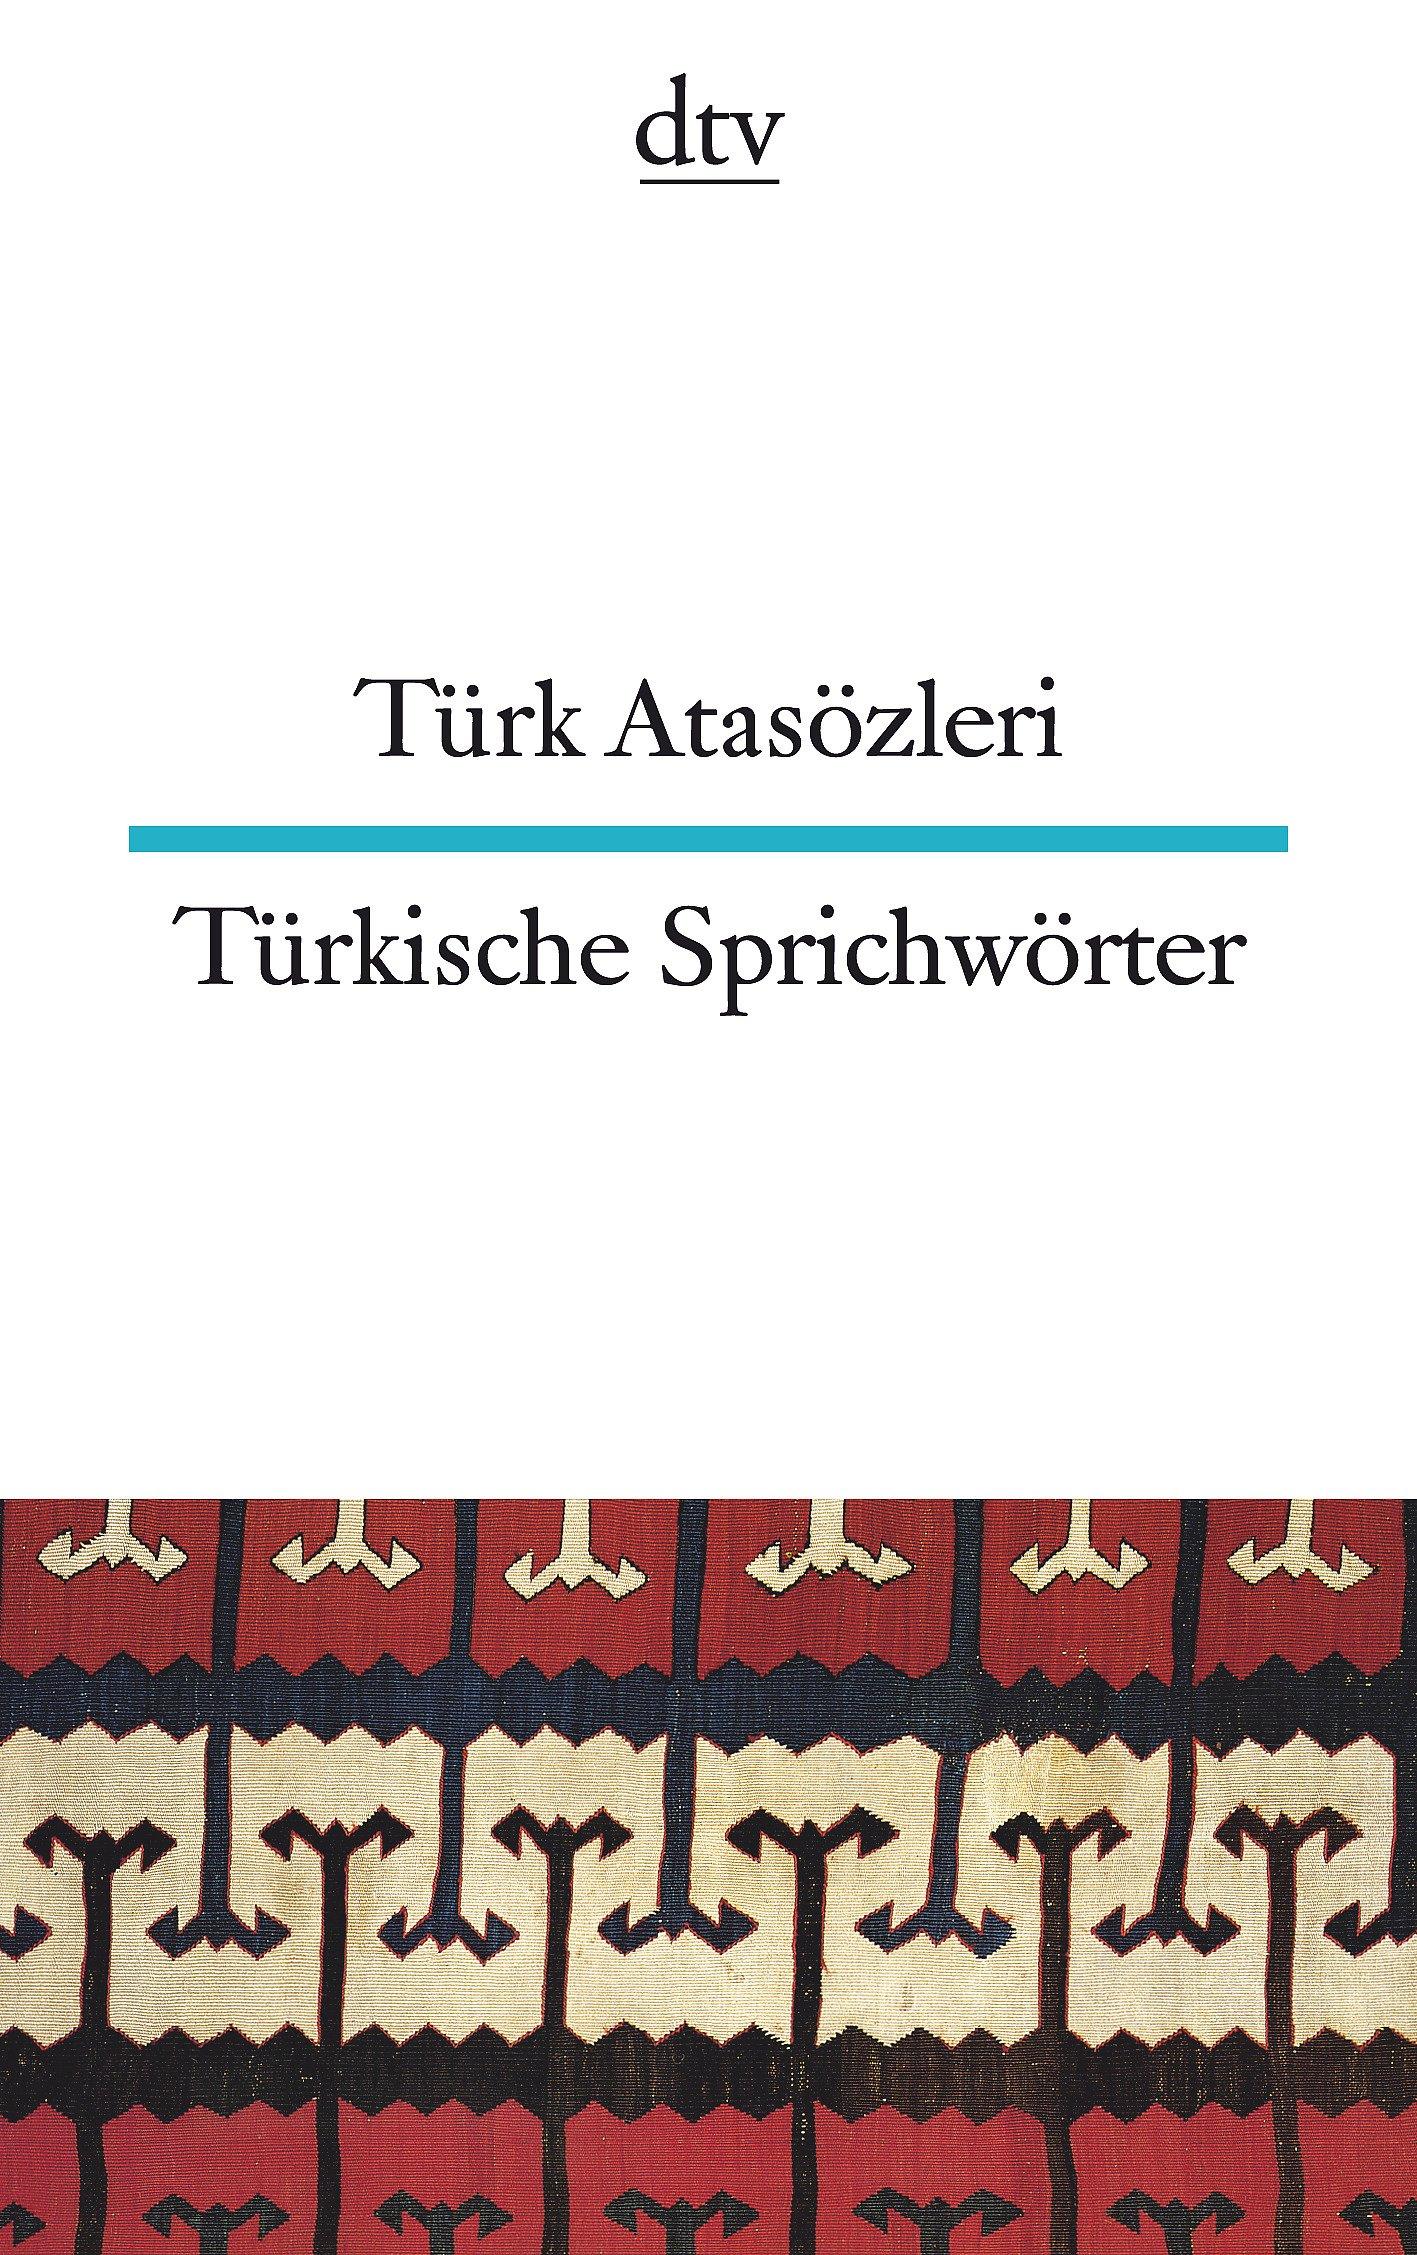 Türk Atasözleri Türkische Sprichwörter Dtv Zweisprachig: Amazon.de: Rita  Seuß, Ina Seeberg, Celal Özcan: Bücher